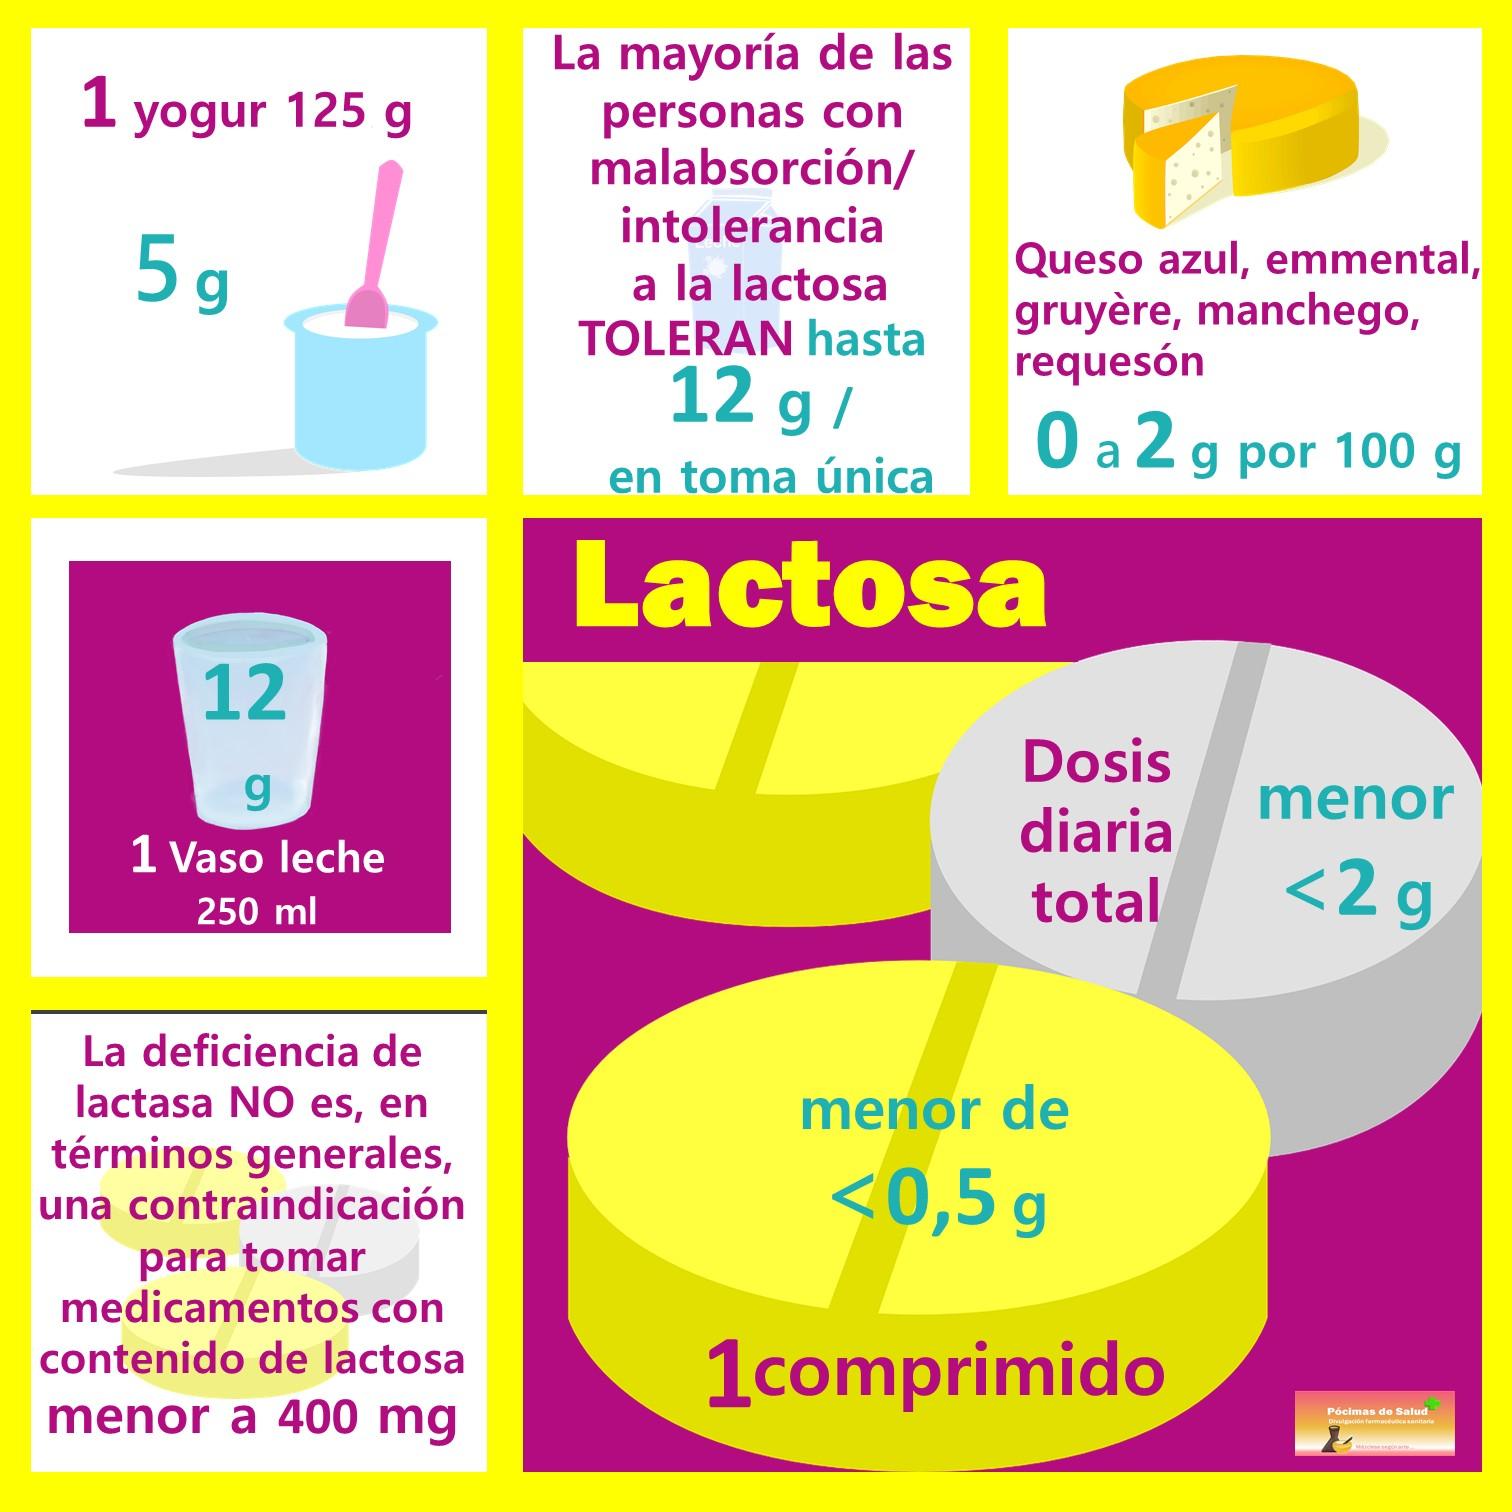 Lactosa vs medicamentos